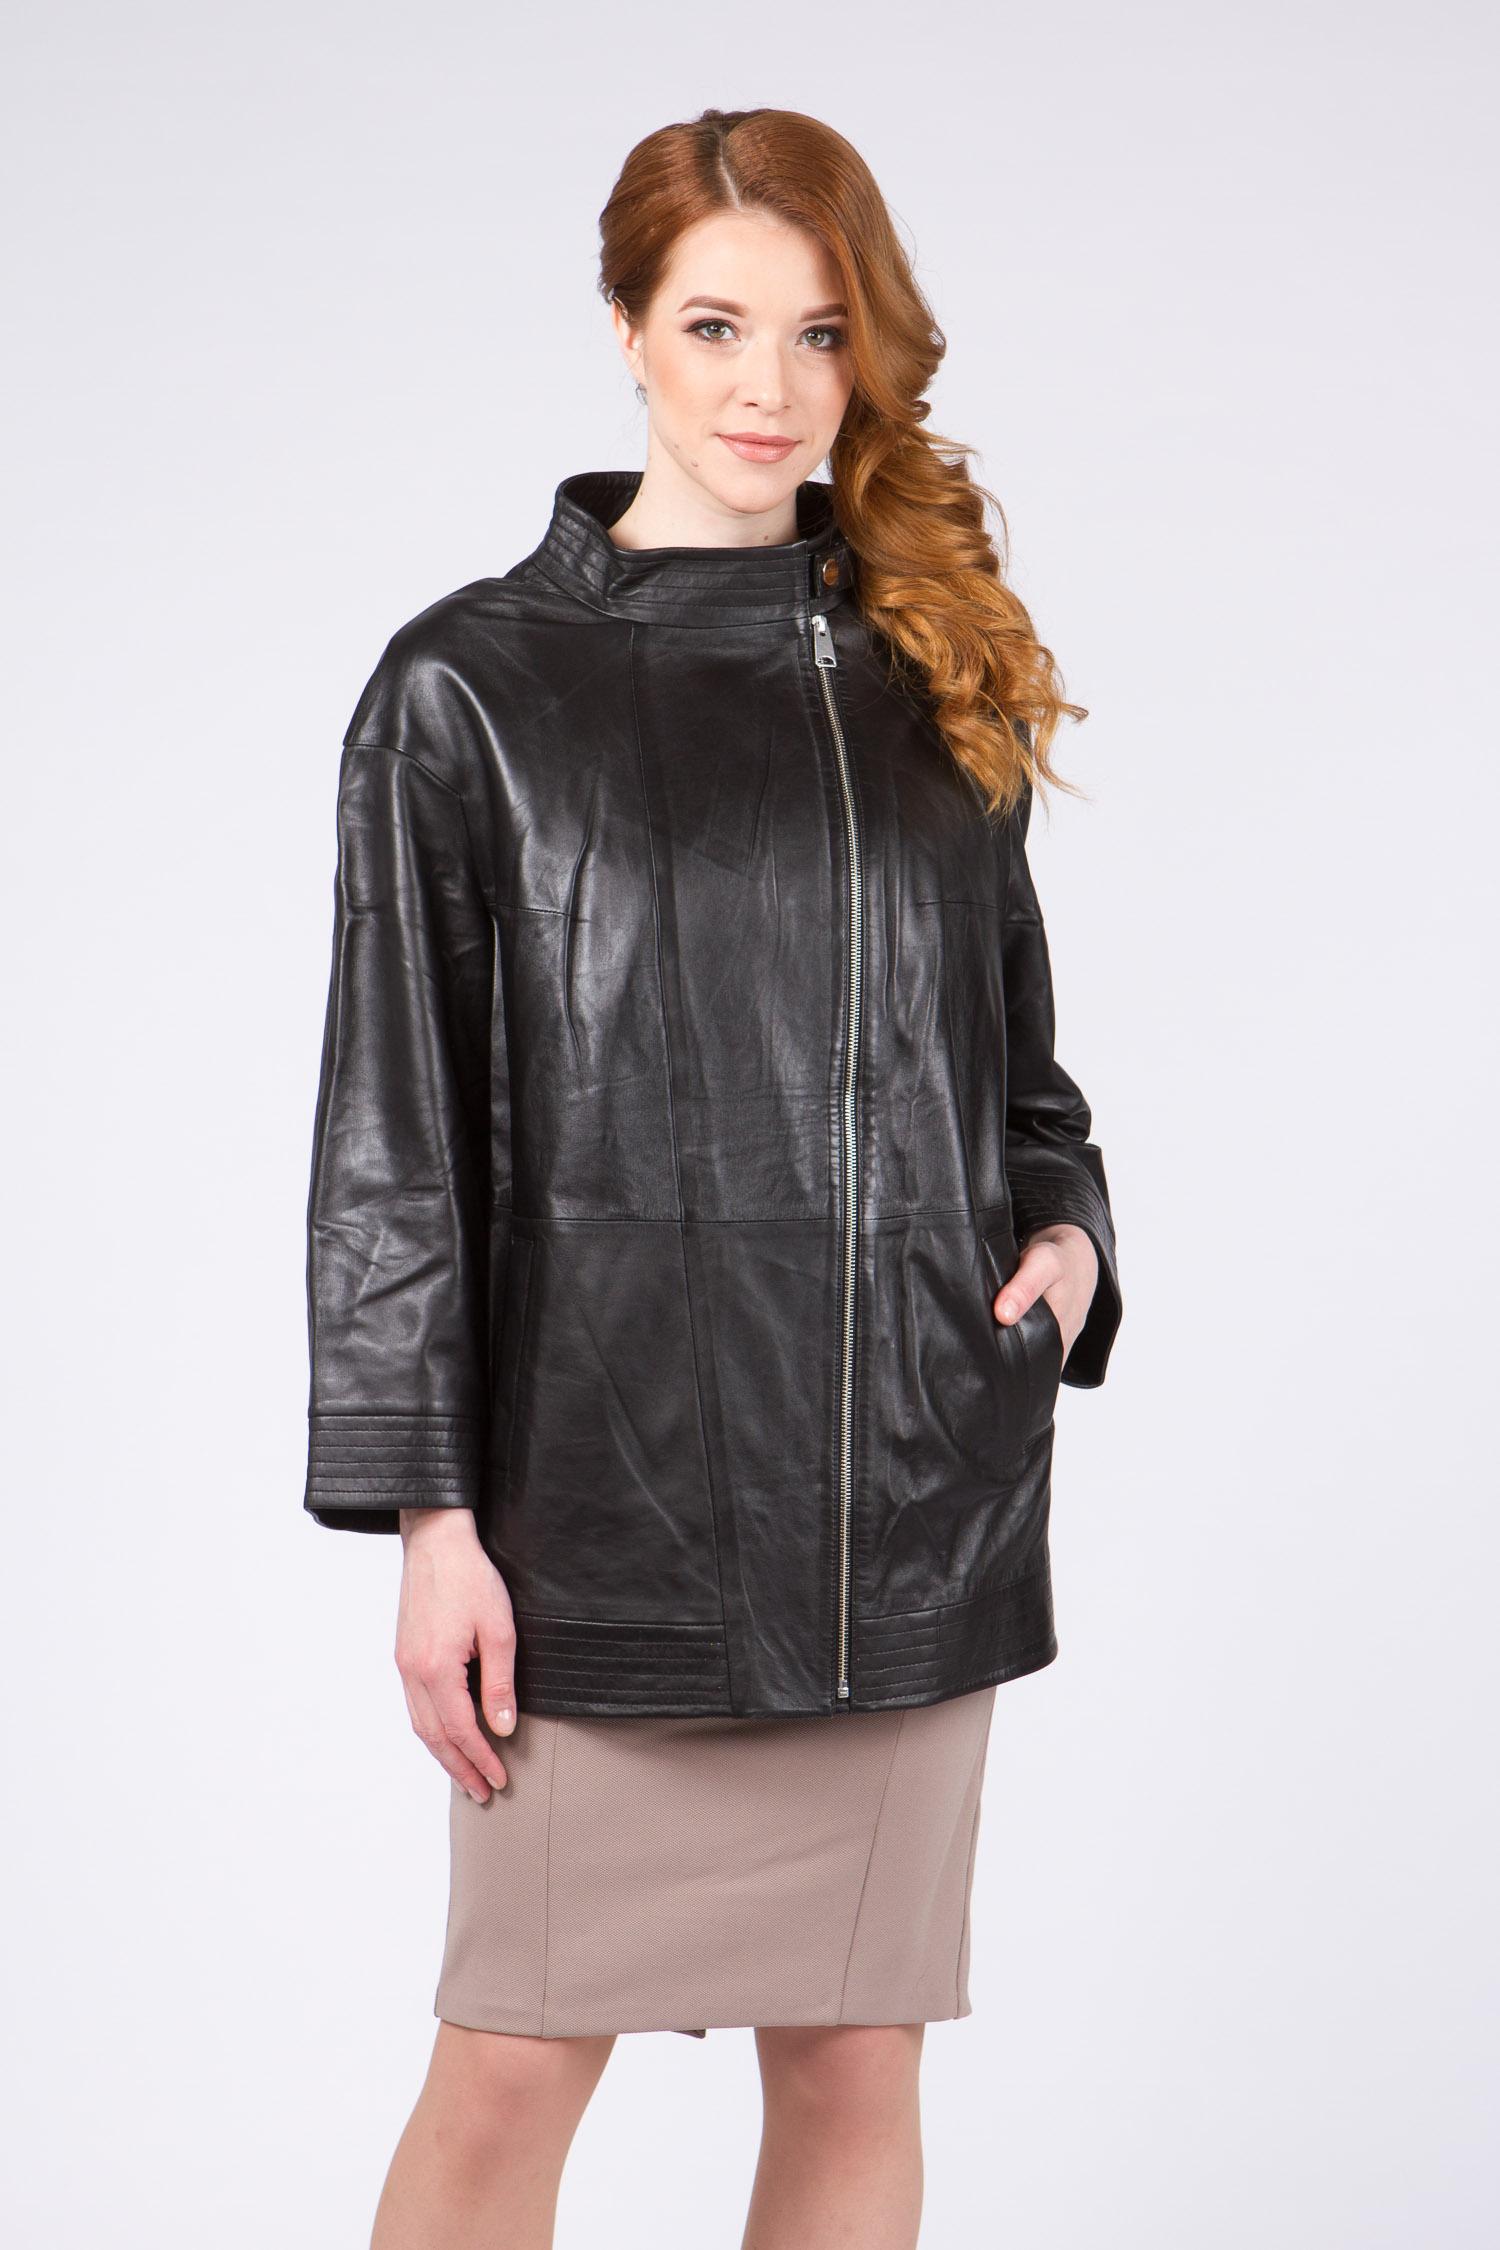 Женская кожаная куртка из натуральной кожи с воротником, без отделки<br><br>Воротник: стойка<br>Длина см: Средняя (75-89 )<br>Материал: Кожа овчина<br>Цвет: черный<br>Вид застежки: косая<br>Застежка: на молнии<br>Пол: Женский<br>Размер RU: 60